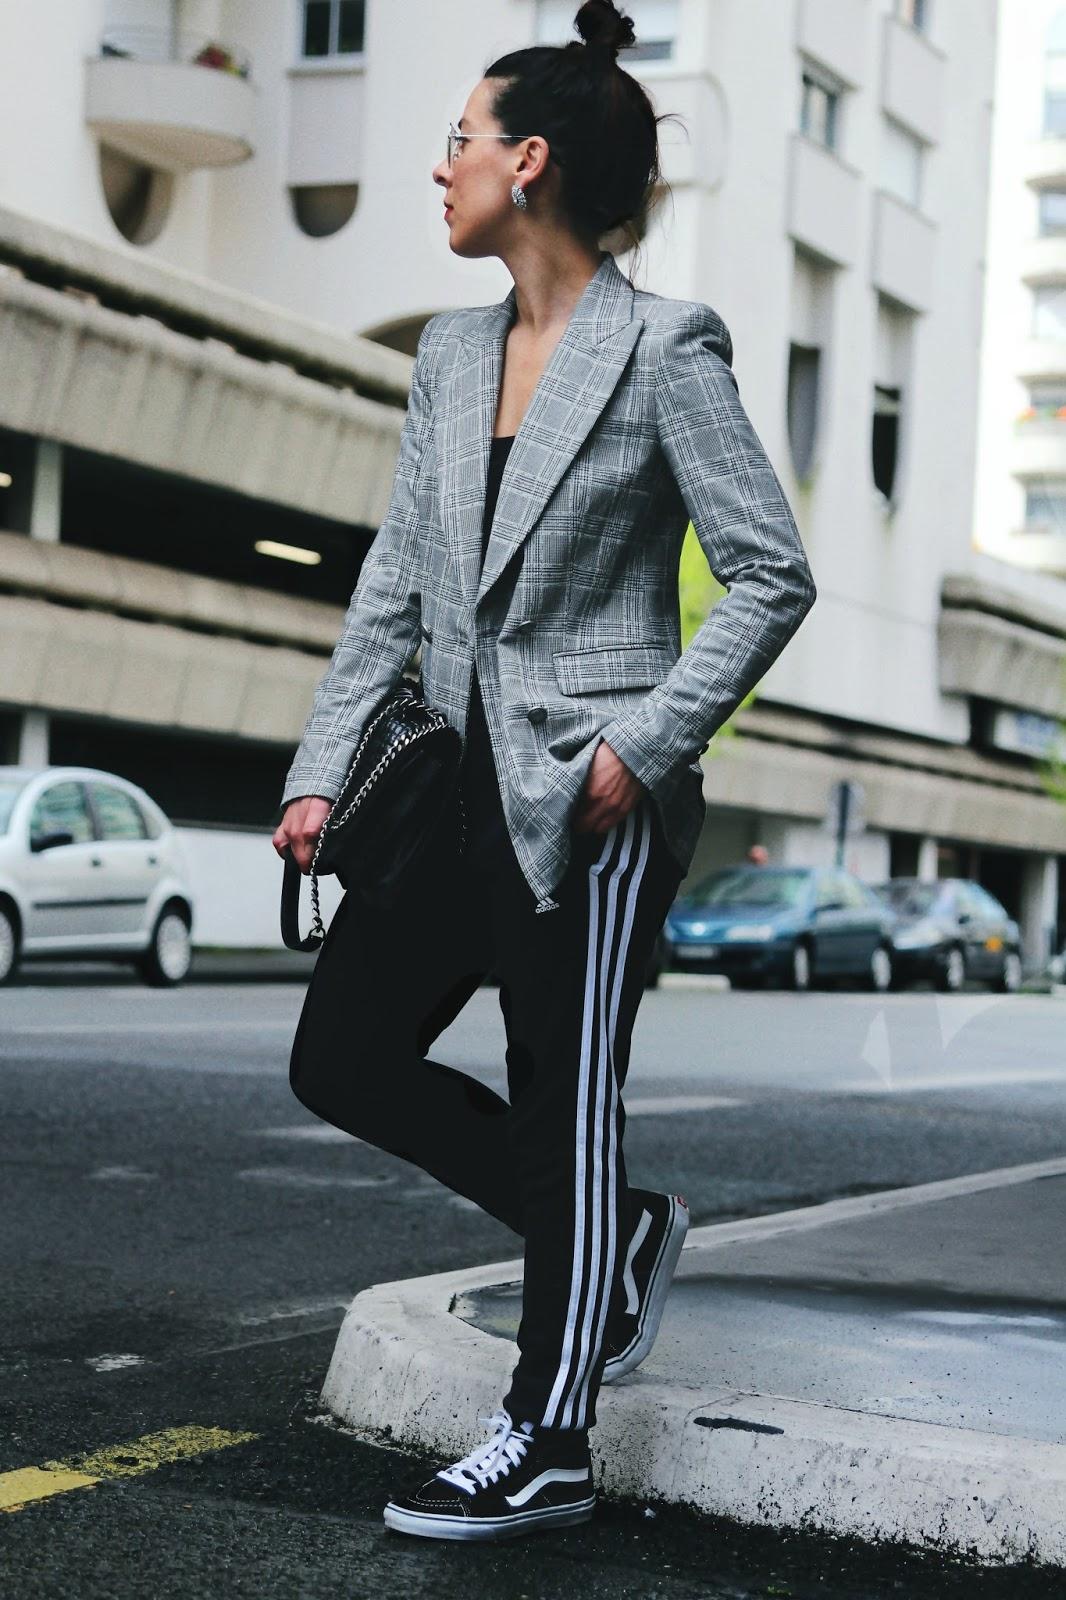 sale retailer 8ec9f 565c4 Blazer Zara à carreaux   Vans   Boucles d oreilles H M   Jogging Adidas    sac Zara